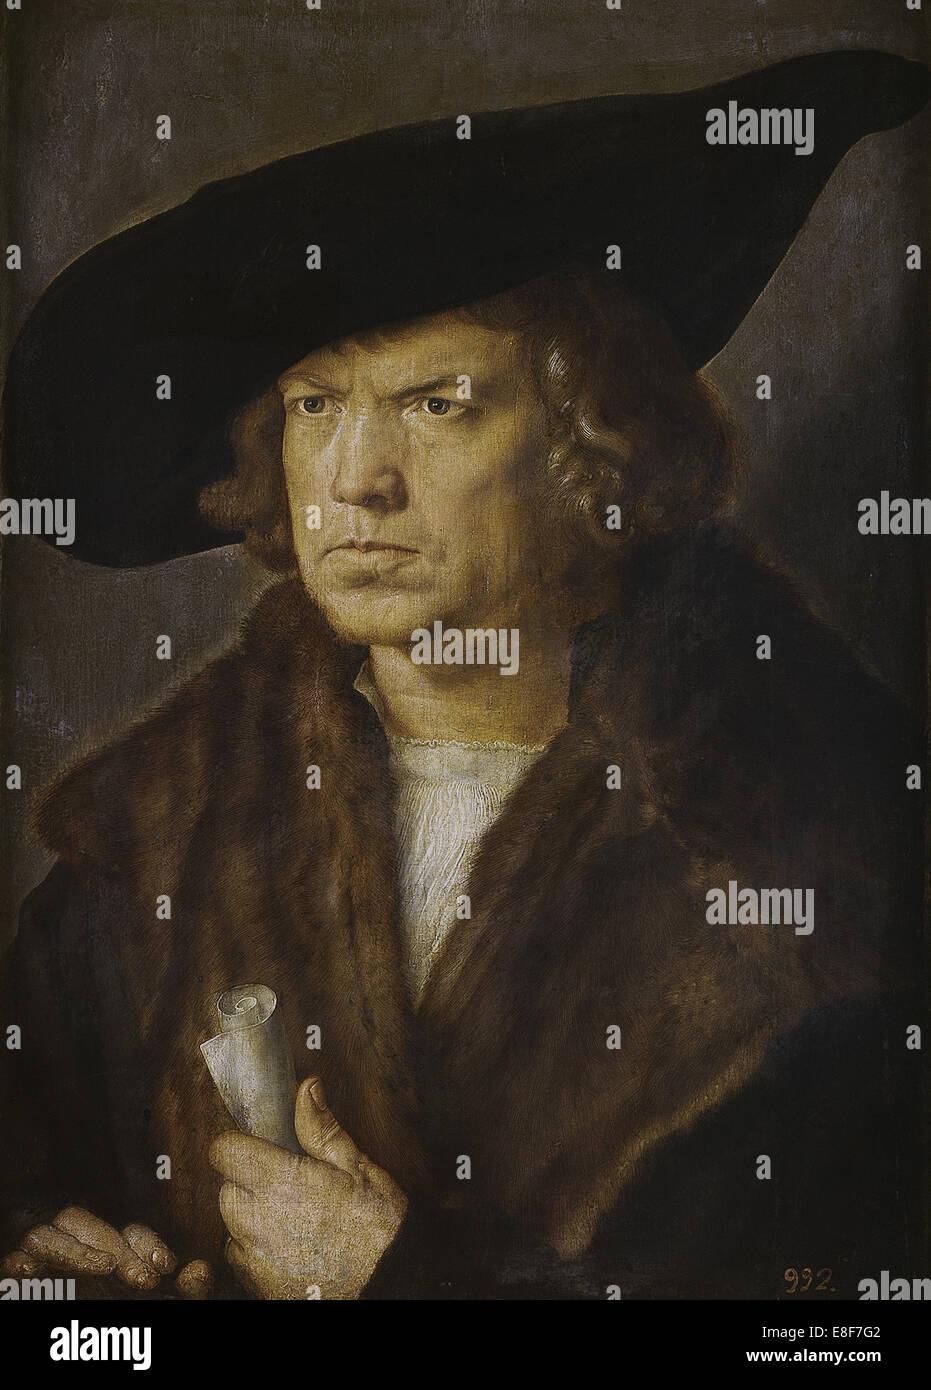 Porträt eines unbekannten Mann Künstlers: Dürer, Albrecht (1471-1528) Stockbild